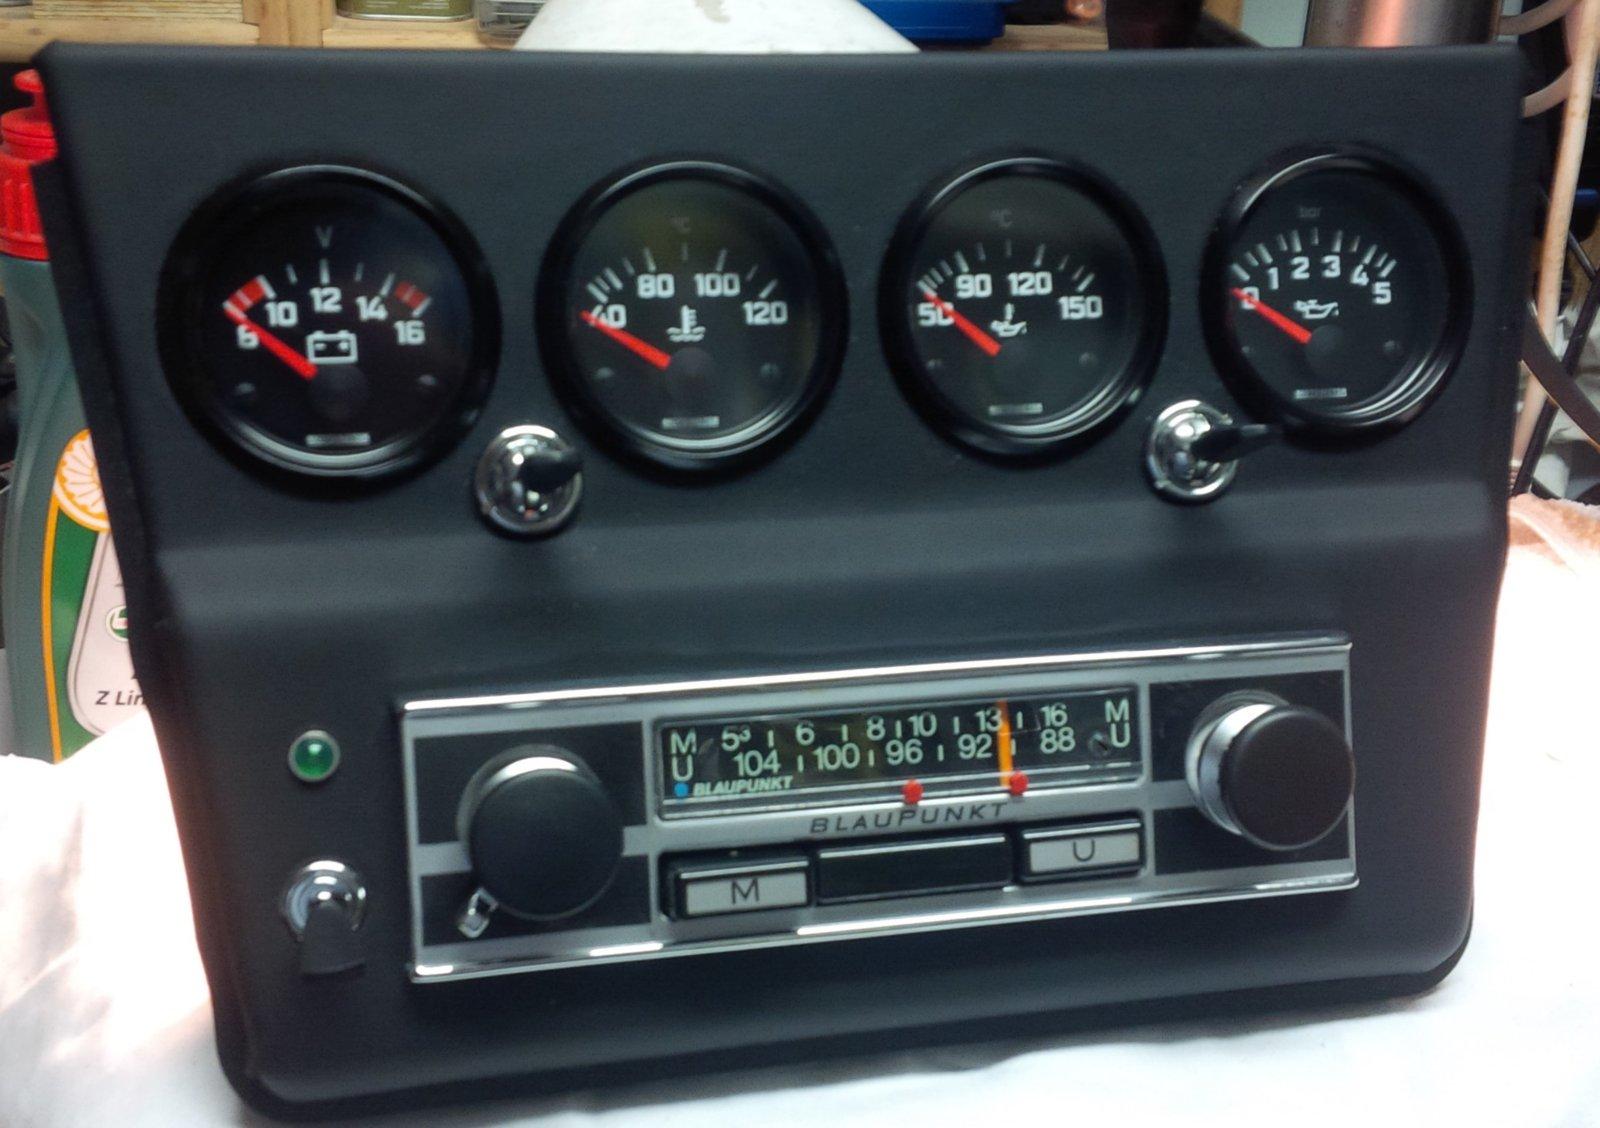 AEDE2889-3C4F-4D82-9113-D6674BCF13C6.jpeg